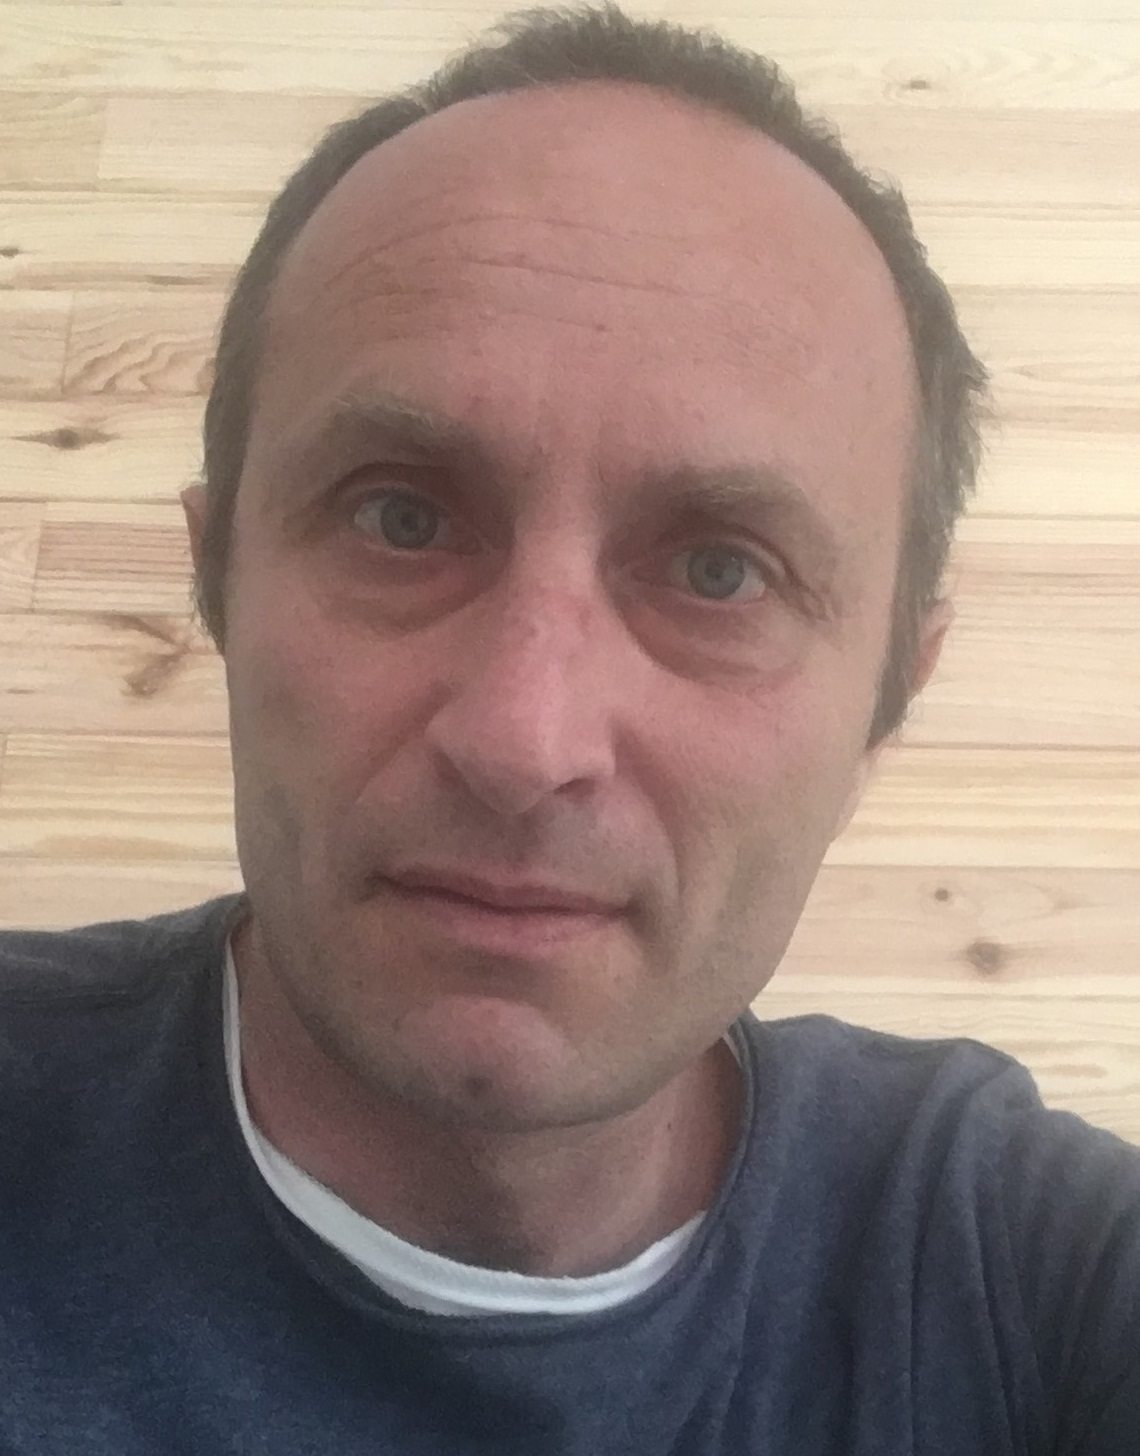 DAVID CASTILLO.JPG (312 KB)